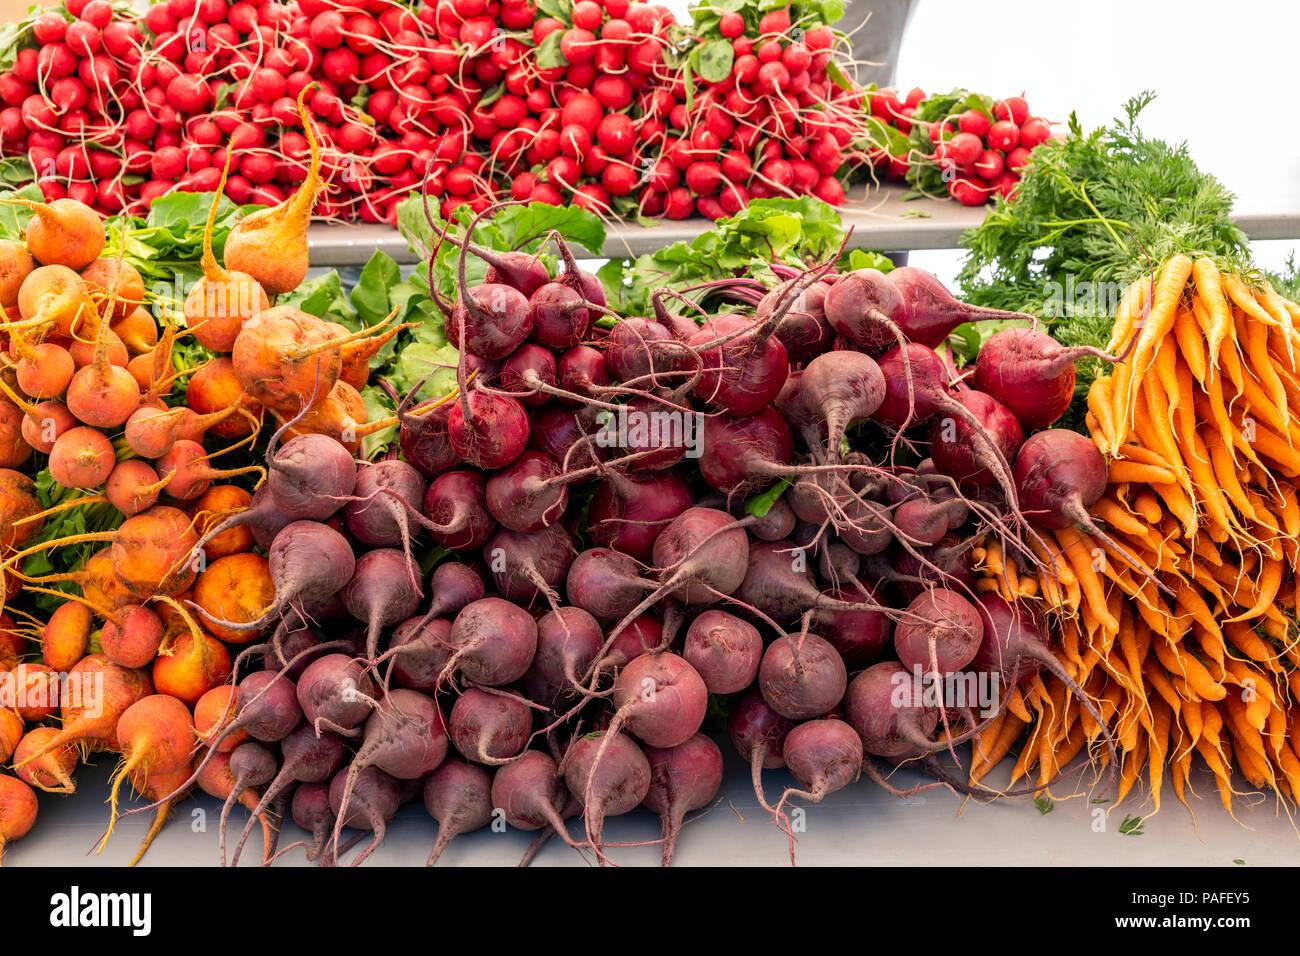 Fournisseurs proposent des légumes frais, de produire et d'autres articles à un marché d'agriculteurs saisonniers dans la petite ville de montagne de Salida, Colorado, USA Photo Stock